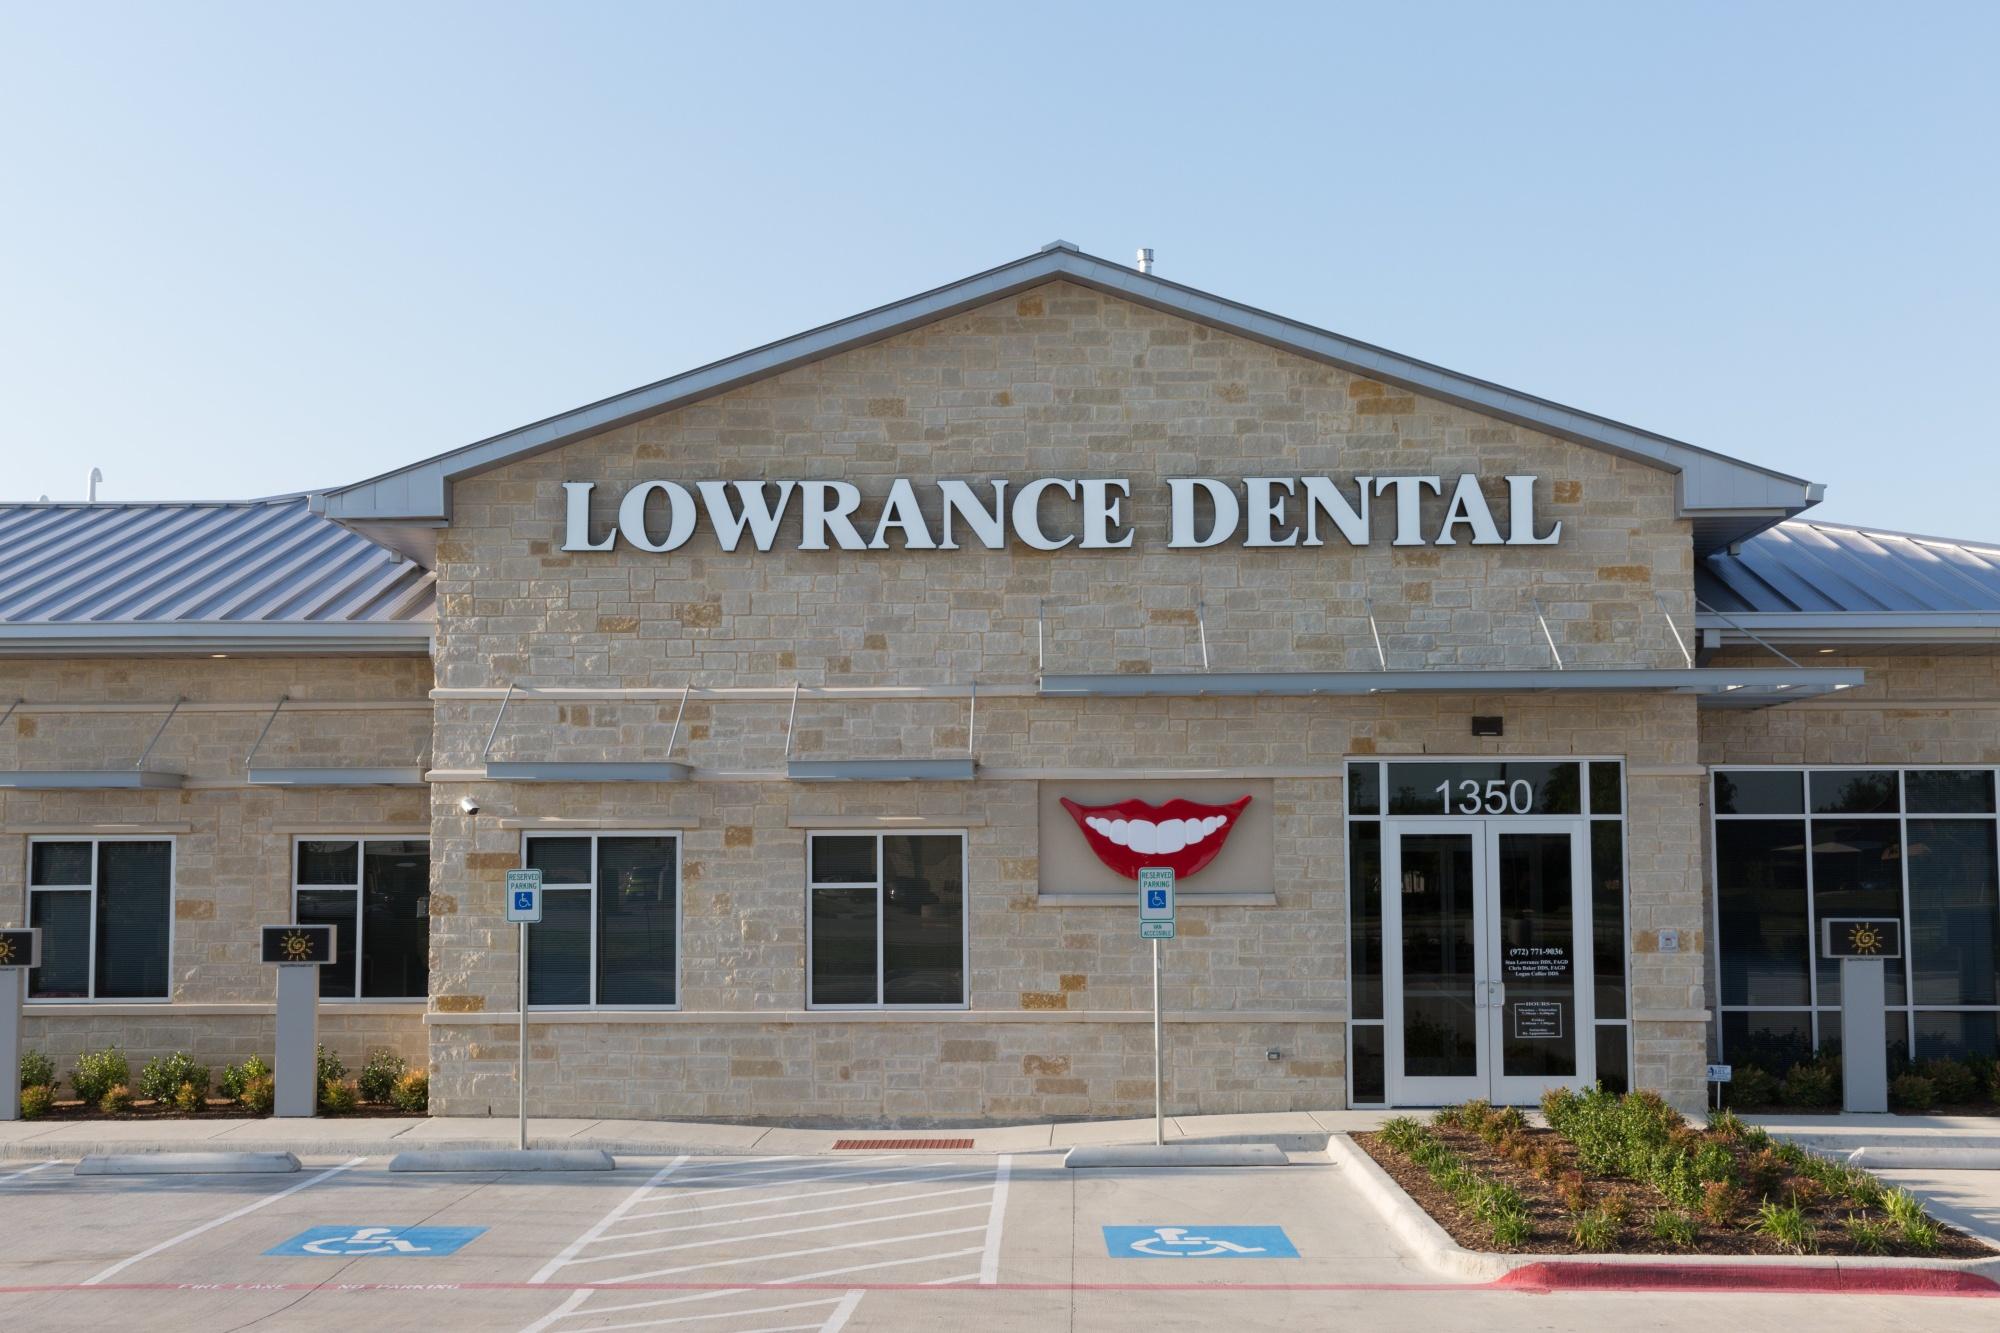 lowrance-s_exterior_4